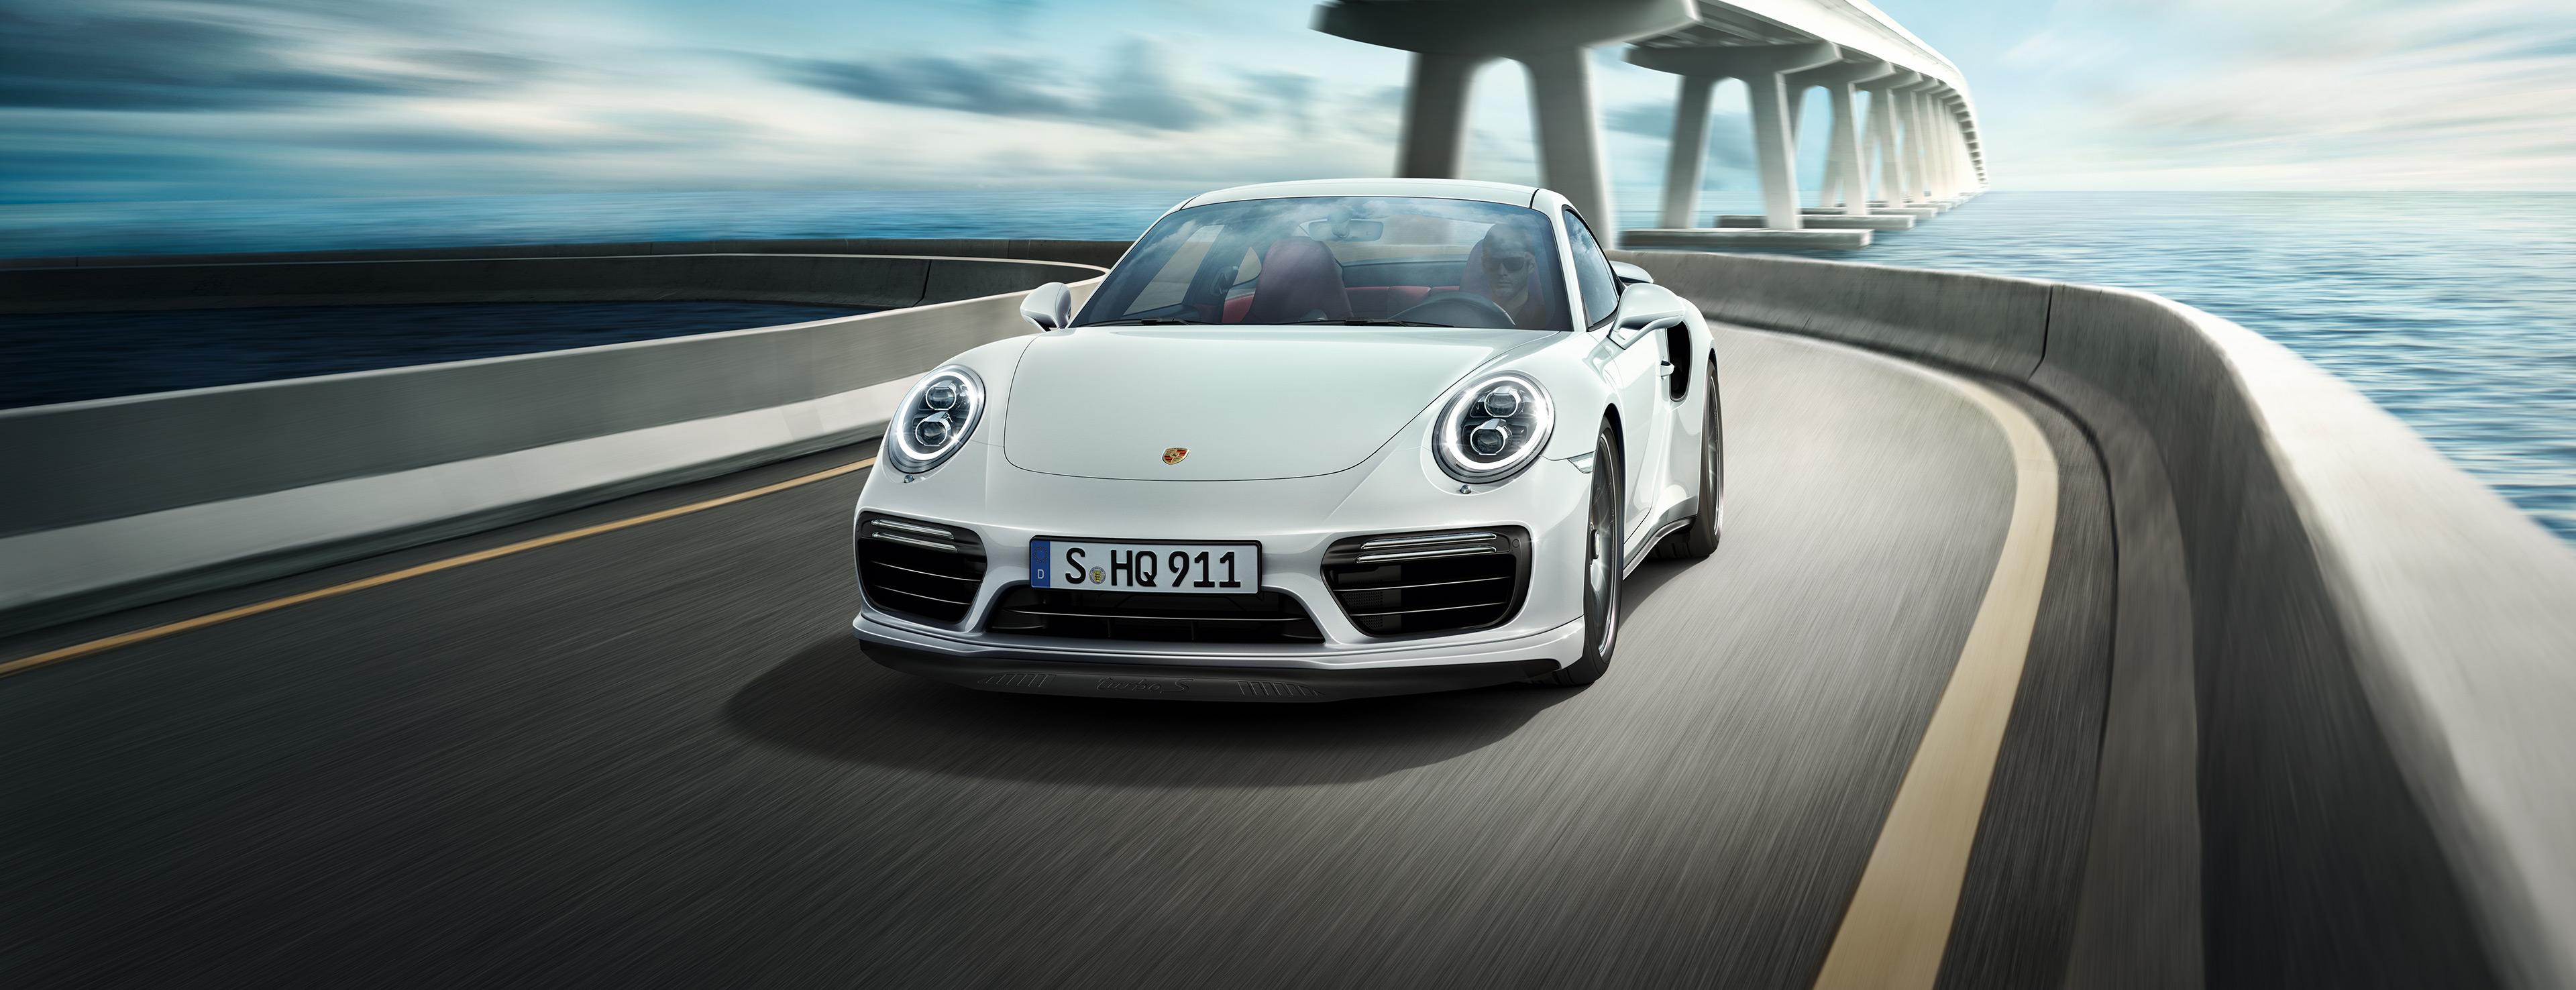 Porsche перестанет выпускать дизельные версии своих автомобилей